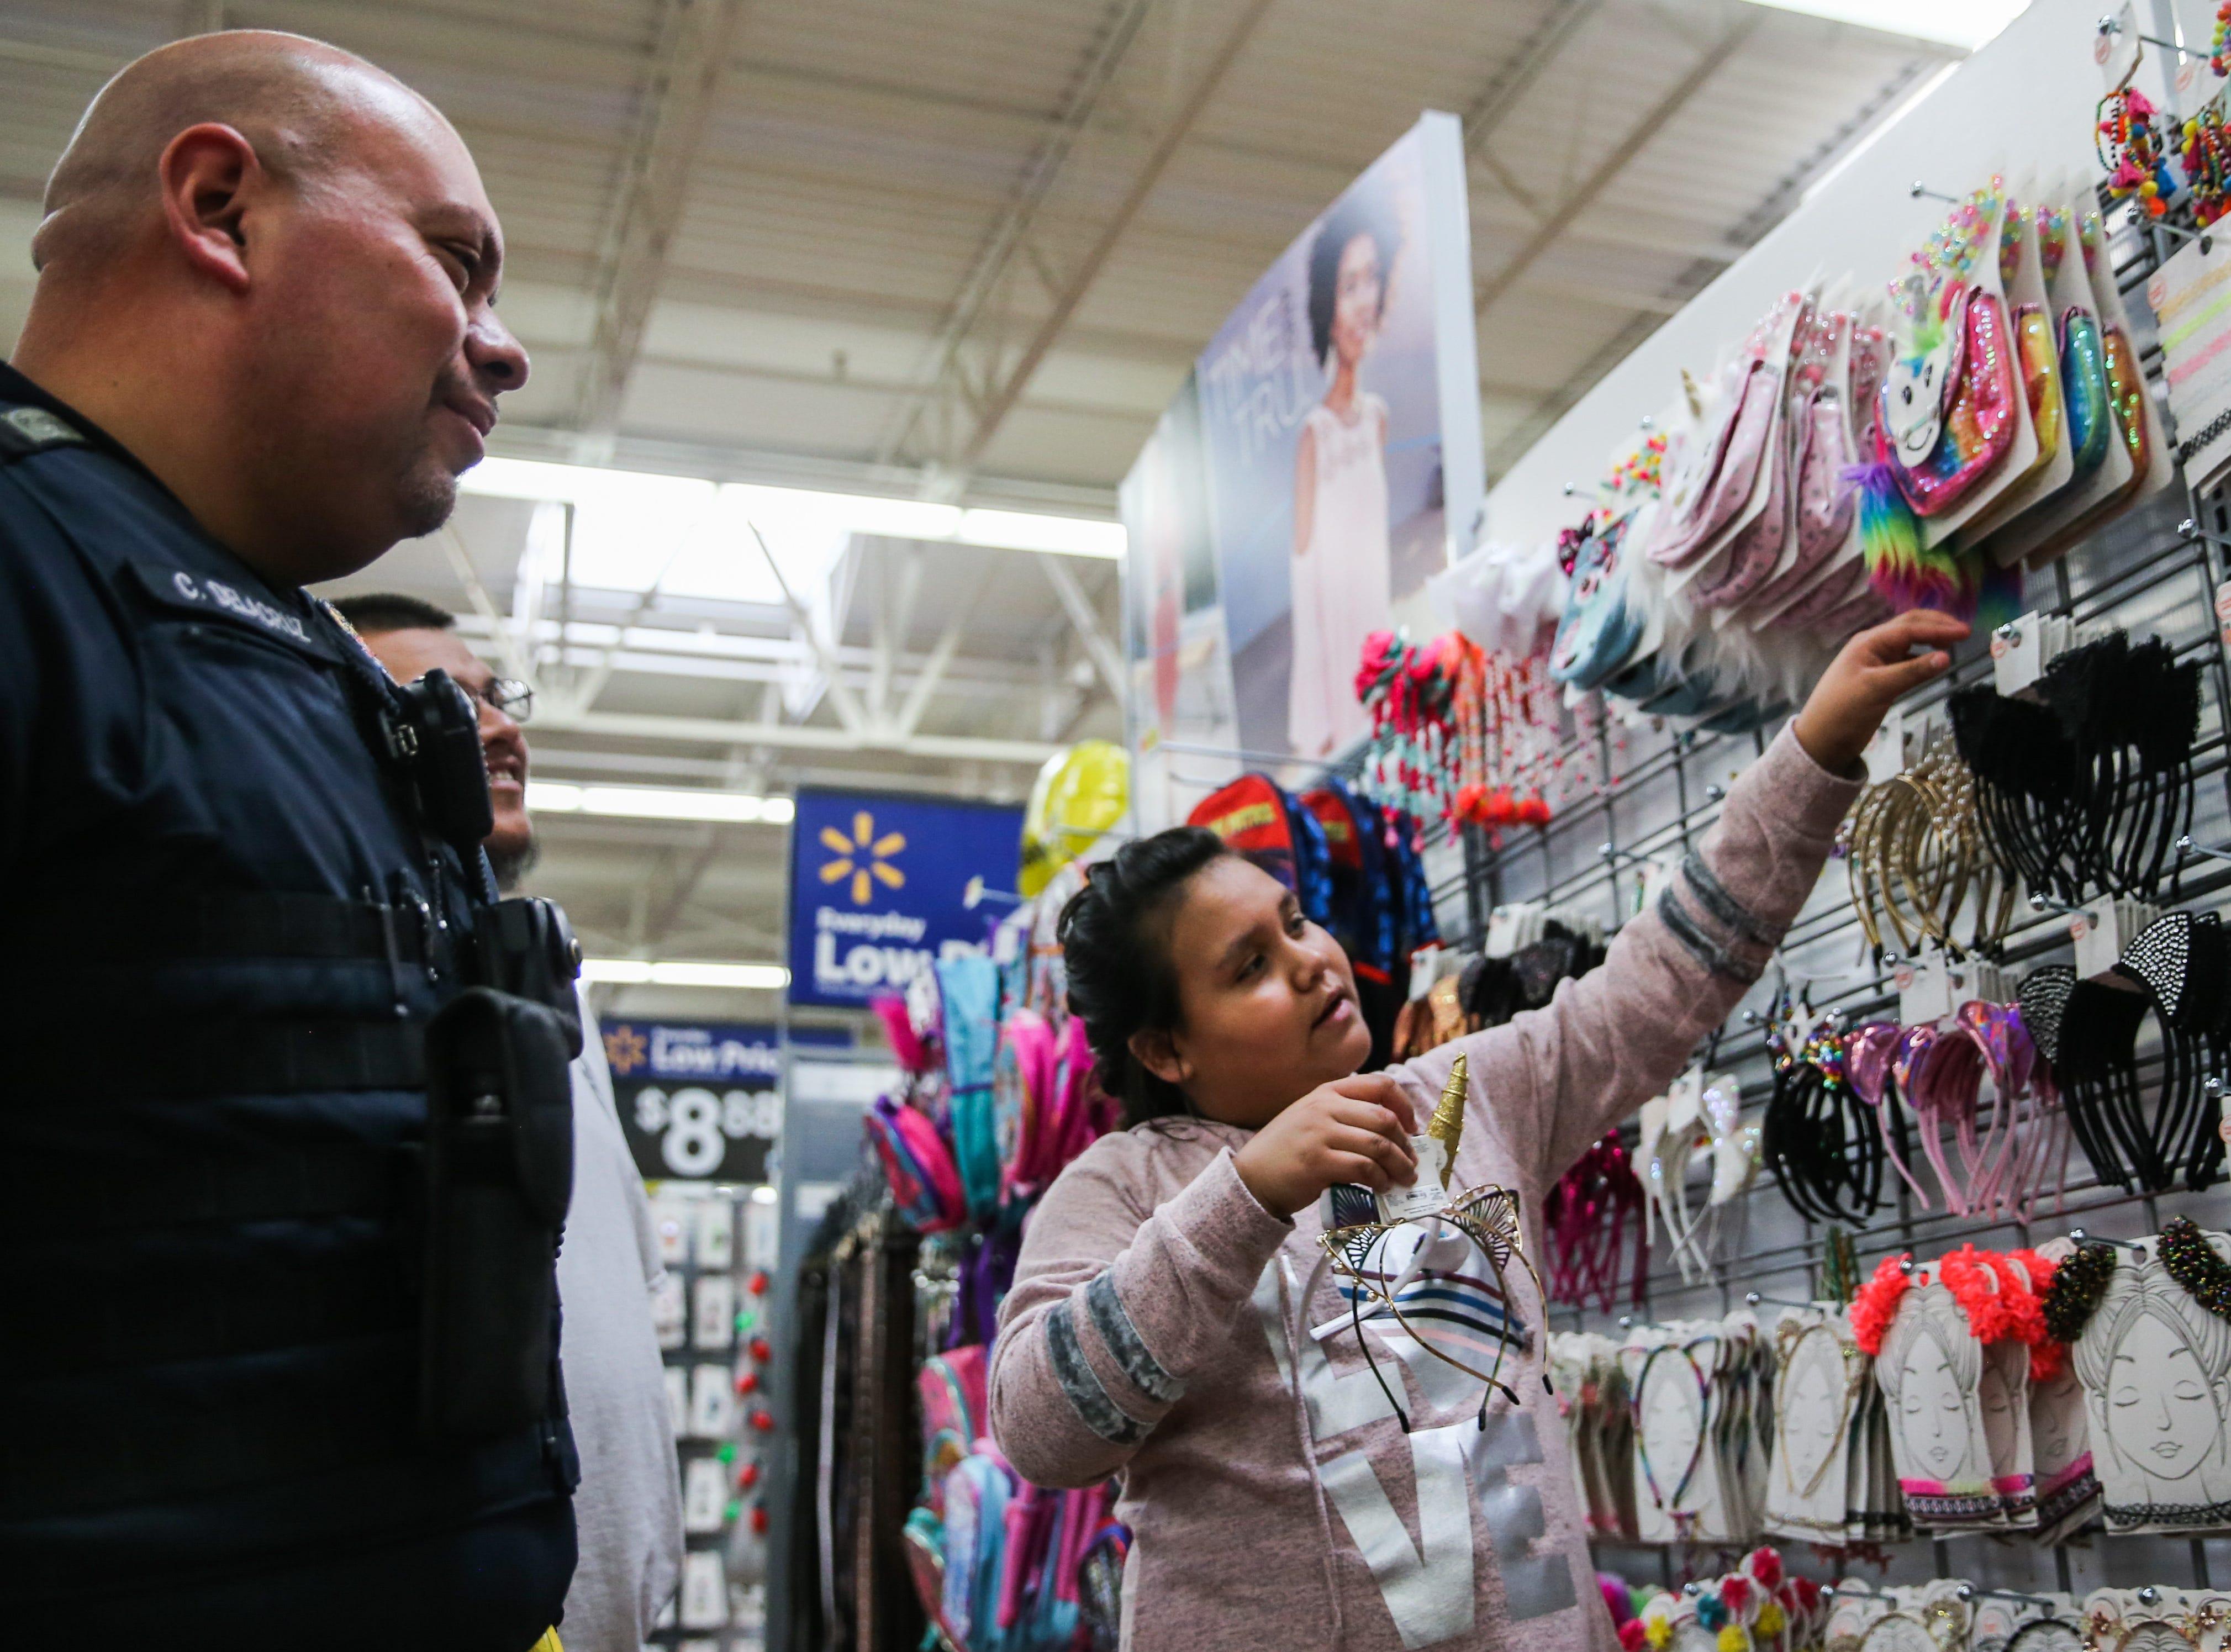 Officer CJ Delacruz watches Ariah Toscano, 9, pick headbands during Shop with a Cop event Saturday, Dec. 15, 2018, at Walmart.